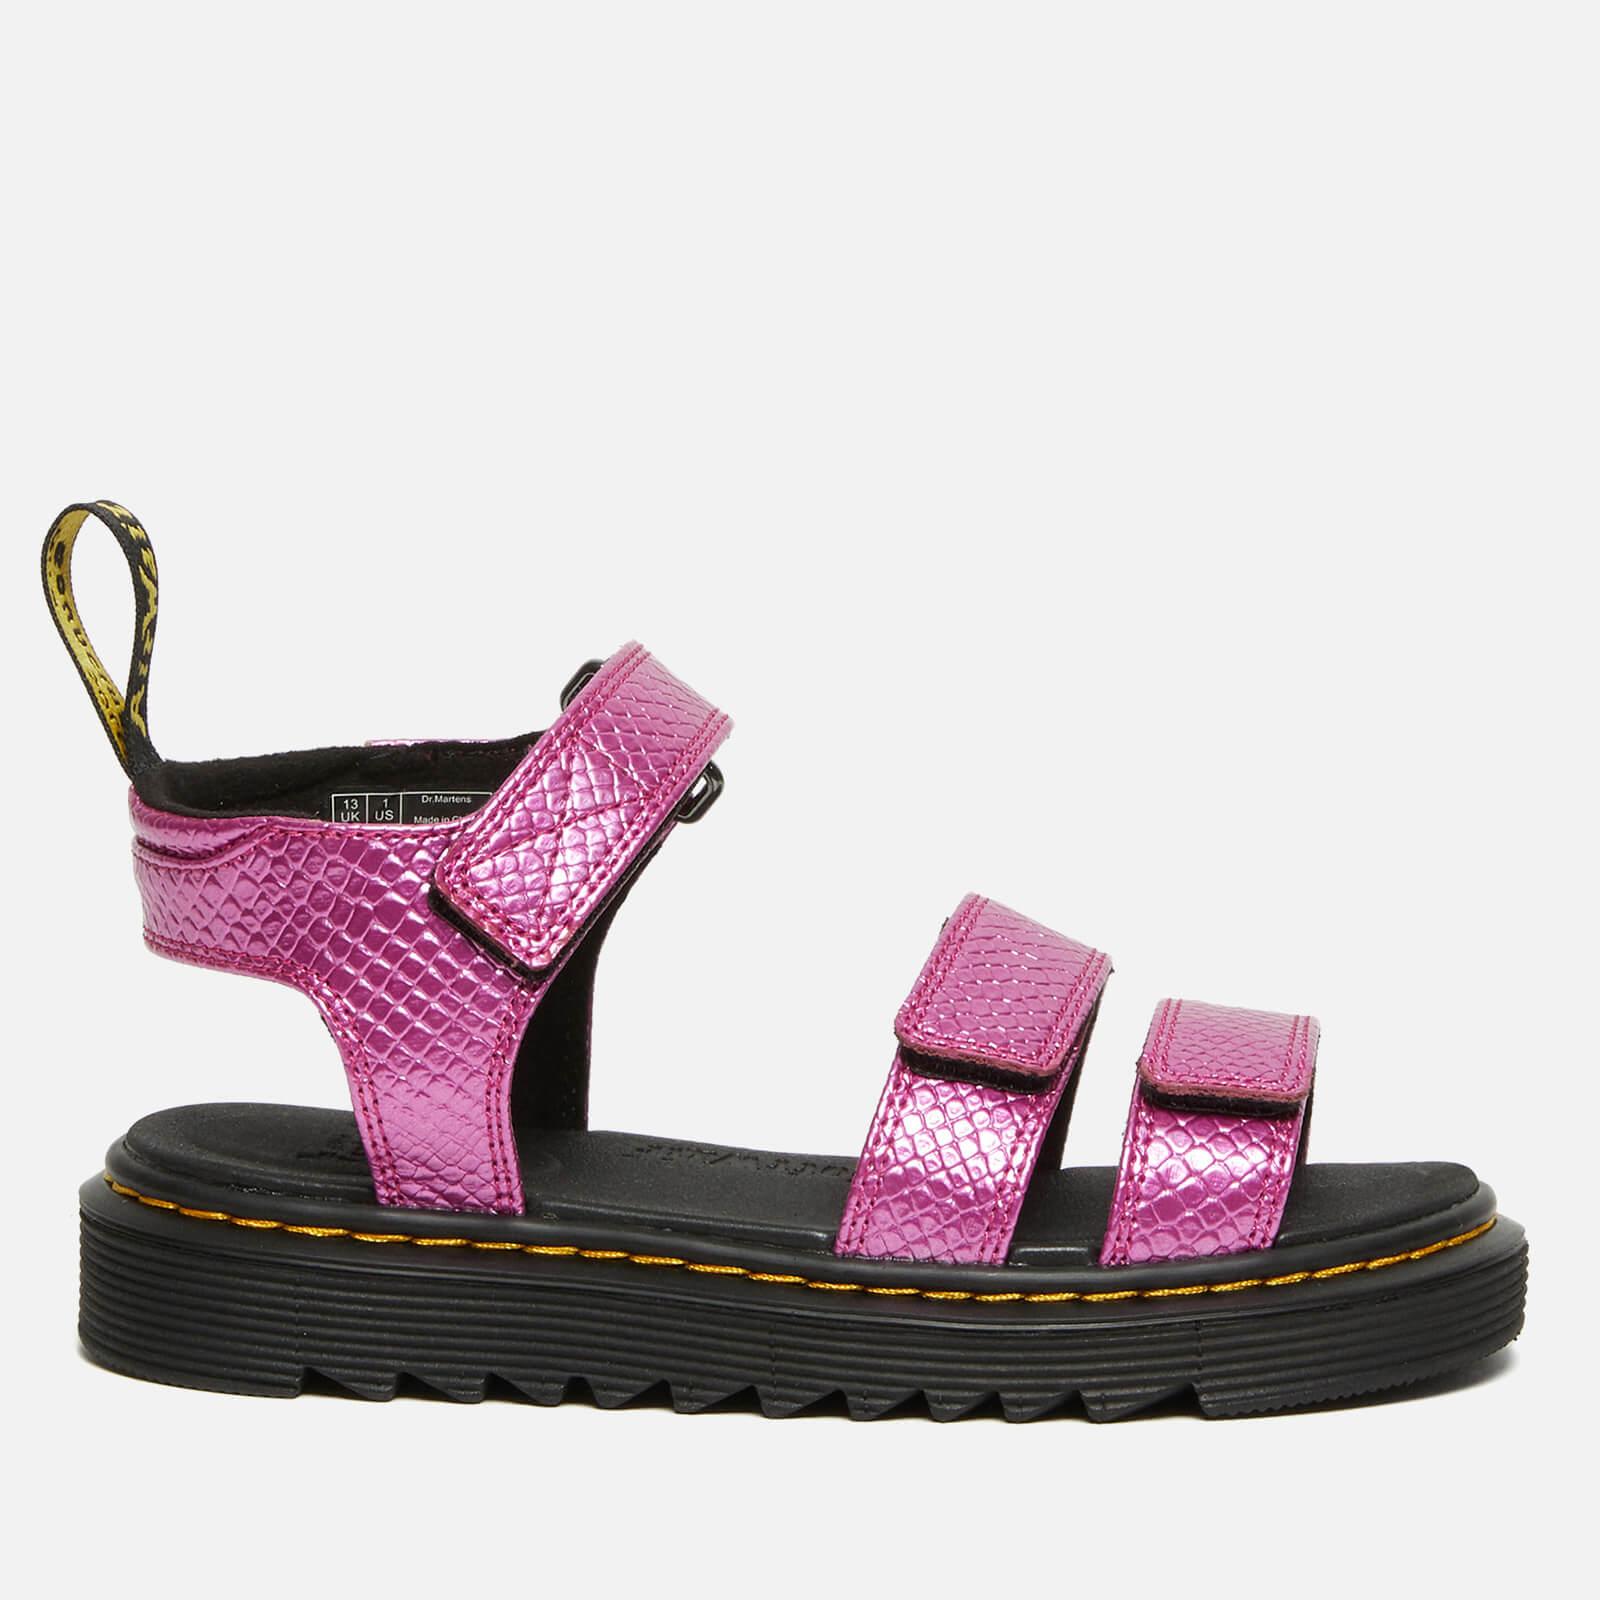 Dr. Martens Kids' Klaire Sandal - Pink Reptile Emboss - UK 11 Kids